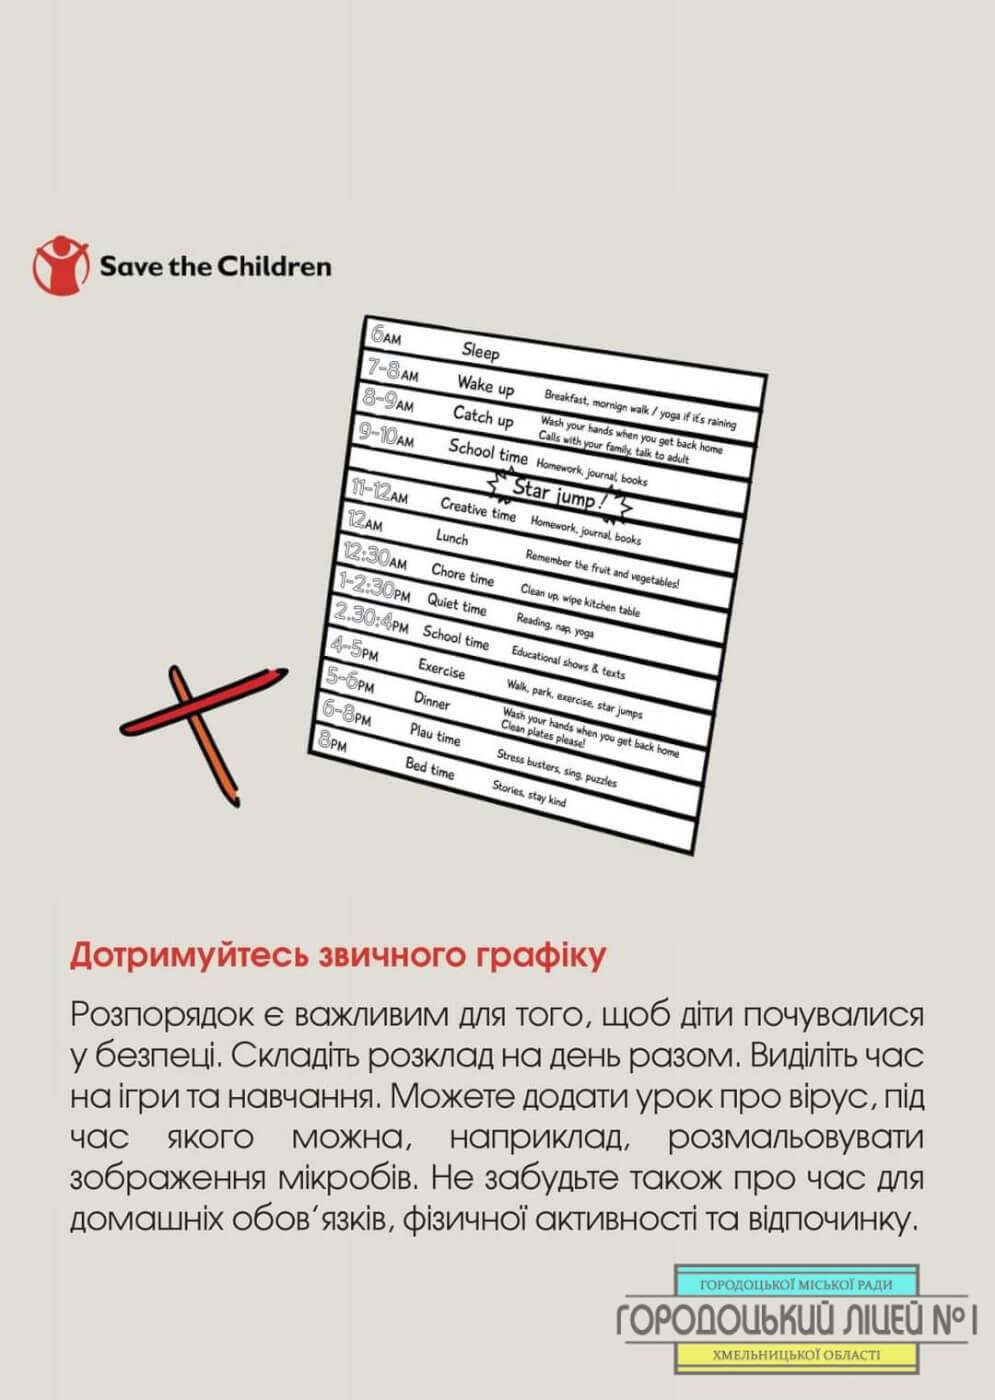 zobrazhennya viber 2021 03 29 11 22 037 - Діти на карантині. Поради для батьків